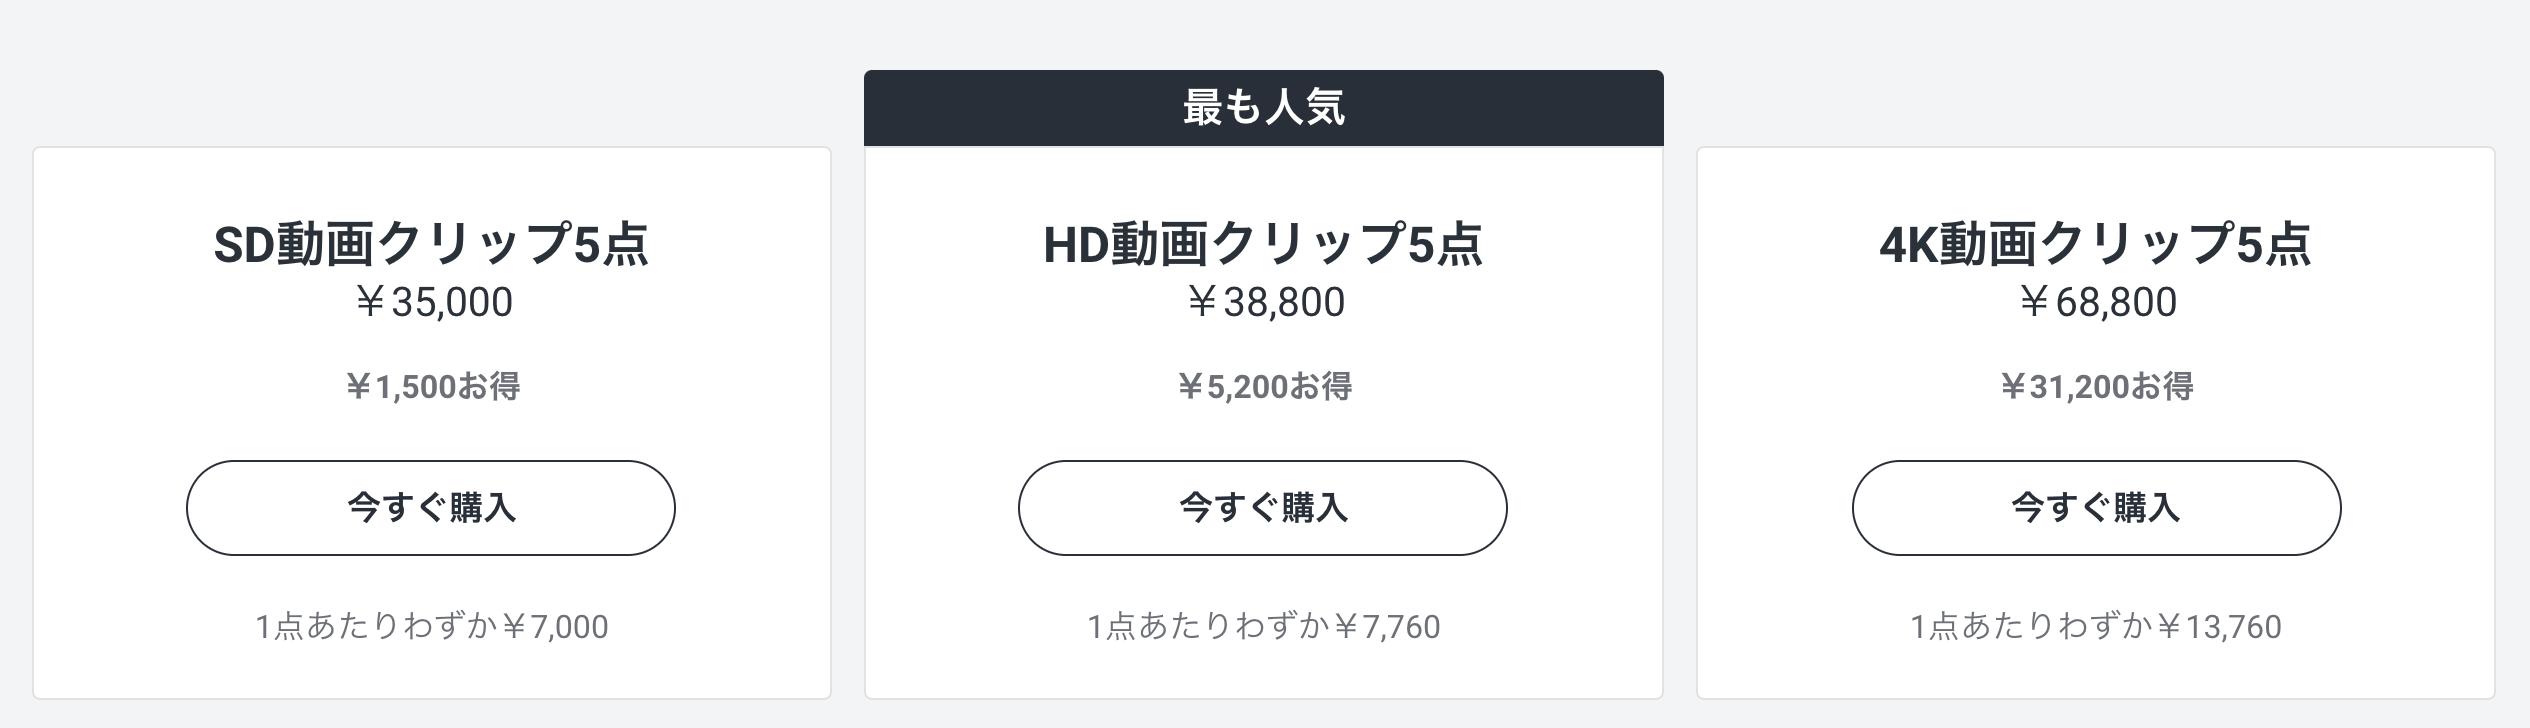 Screenshot 2020 12 18 at 11.09.36